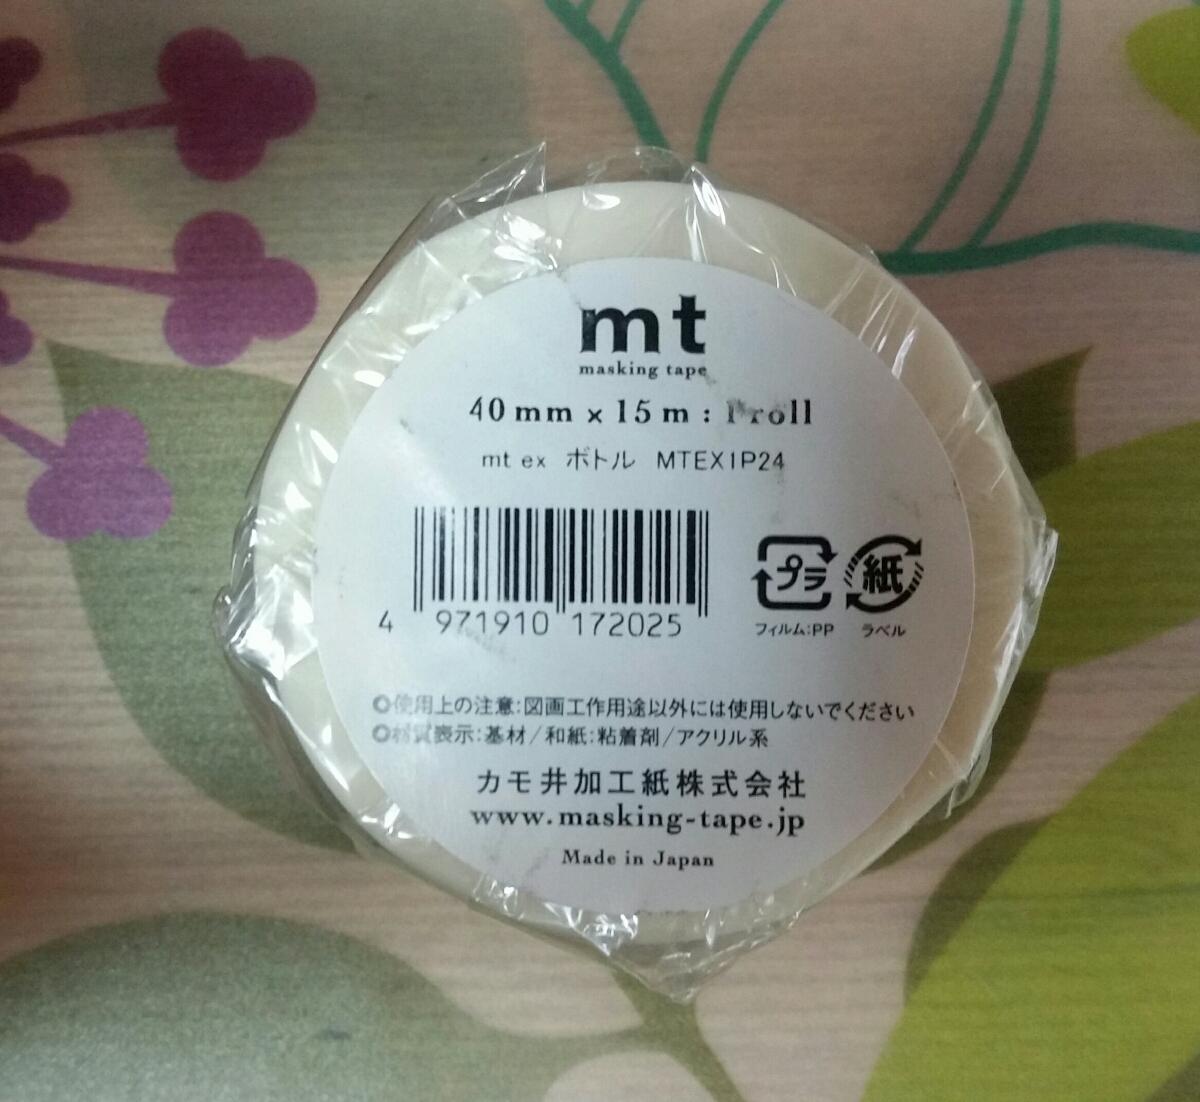 マスキングテープ mt 限定 mt ex ボトル 廃盤 生産終了品 レア マステ カモイ製_画像3